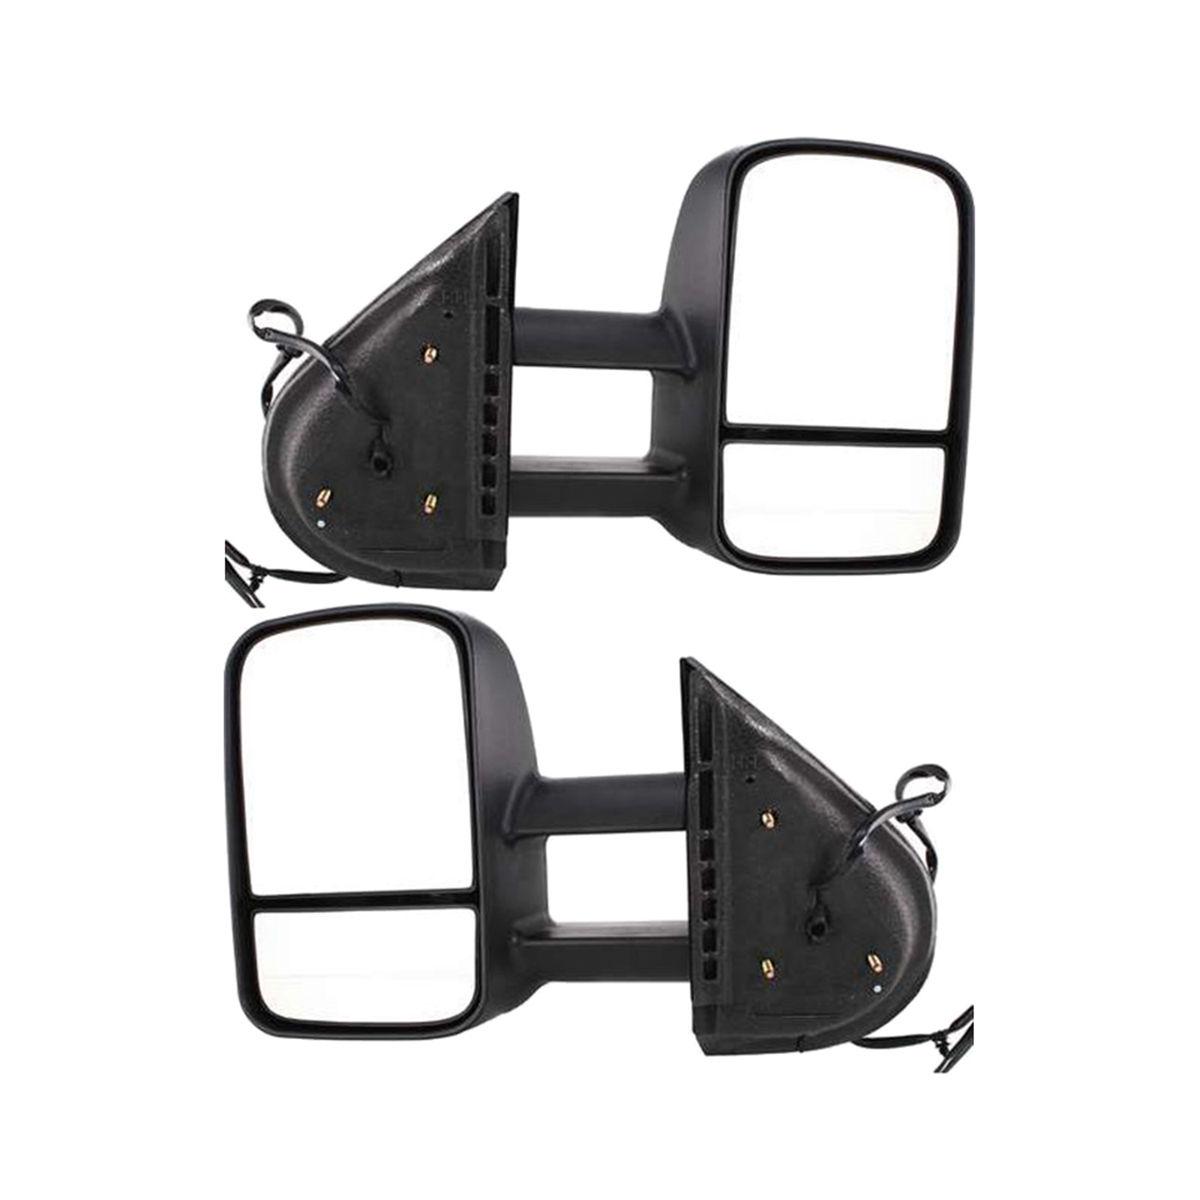 ミラー New Set of 2 Power Heated Towing Mirrors for Chevy Silverado 1500 2007-2014 Pair Chevy Silverado 1500 2007-2014ペアの2つのパワーヒートトーイングミラーの新しいセット